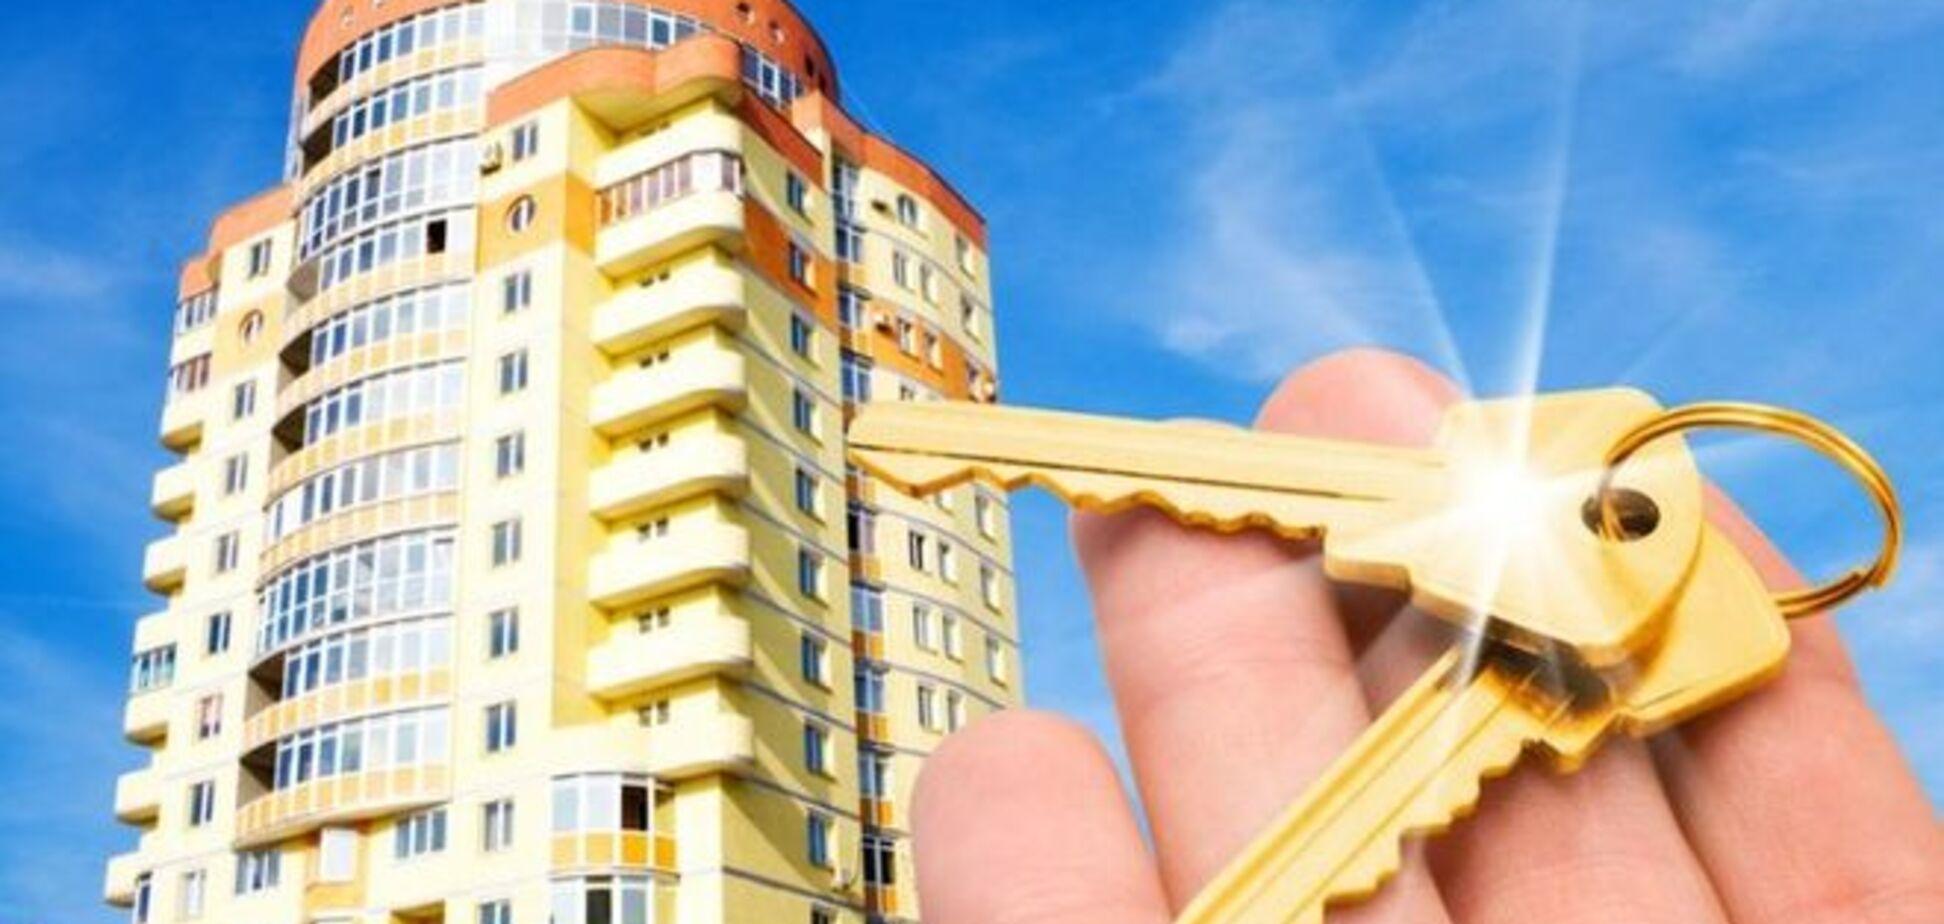 Эксперт объяснил почему в Украине не работает ипотека